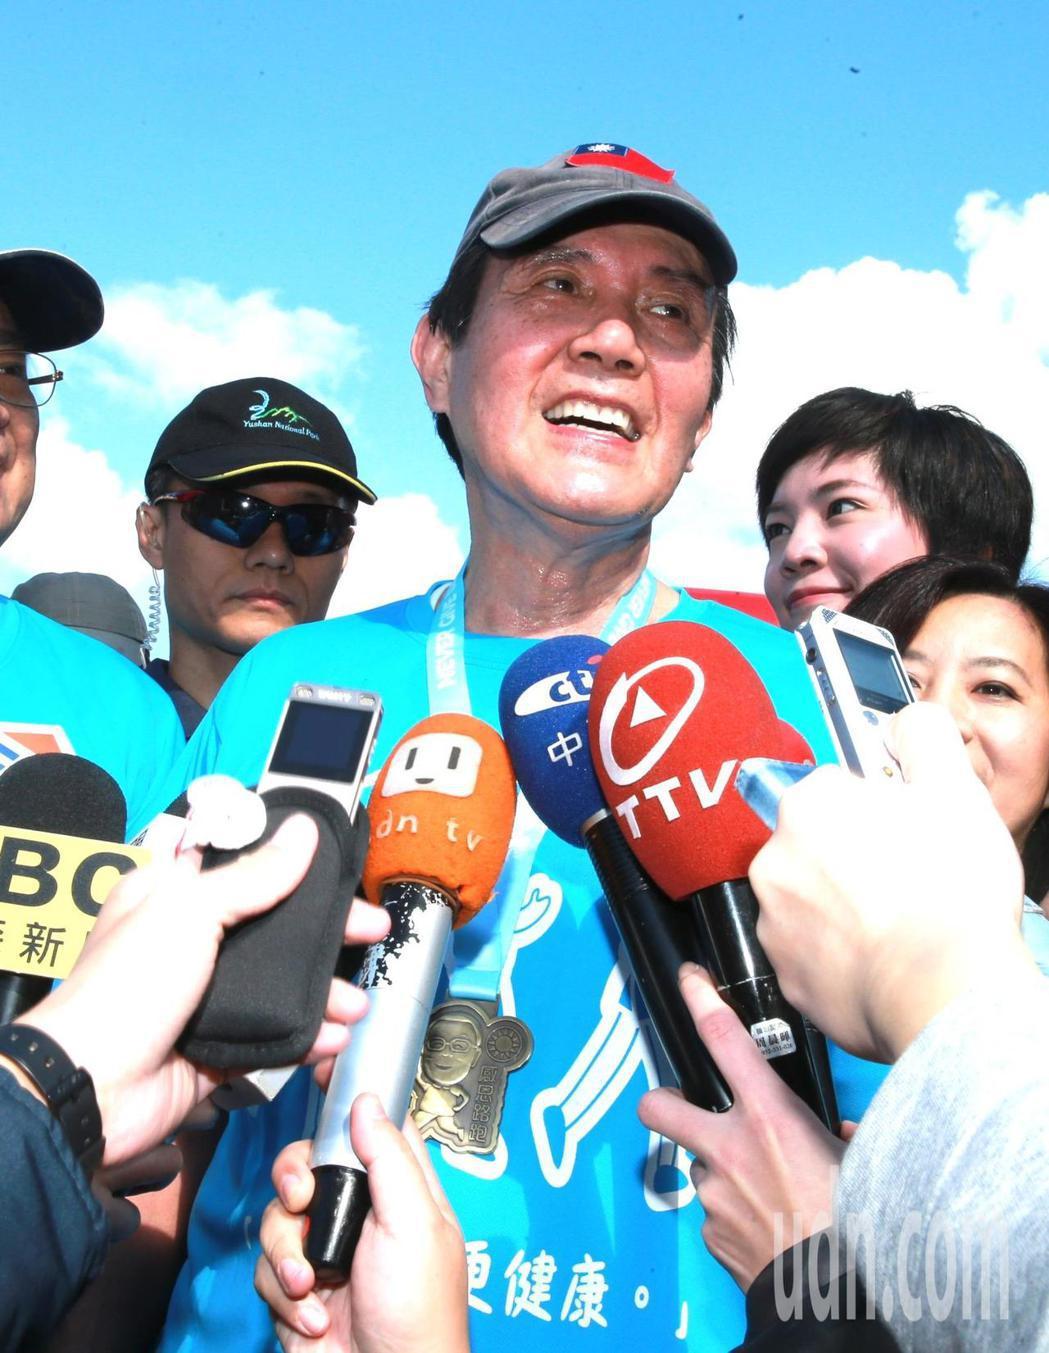 前總統馬英九(圖)上午參加「先總統經國先生逝世30週年」感恩路跑活動,對於媒體報...